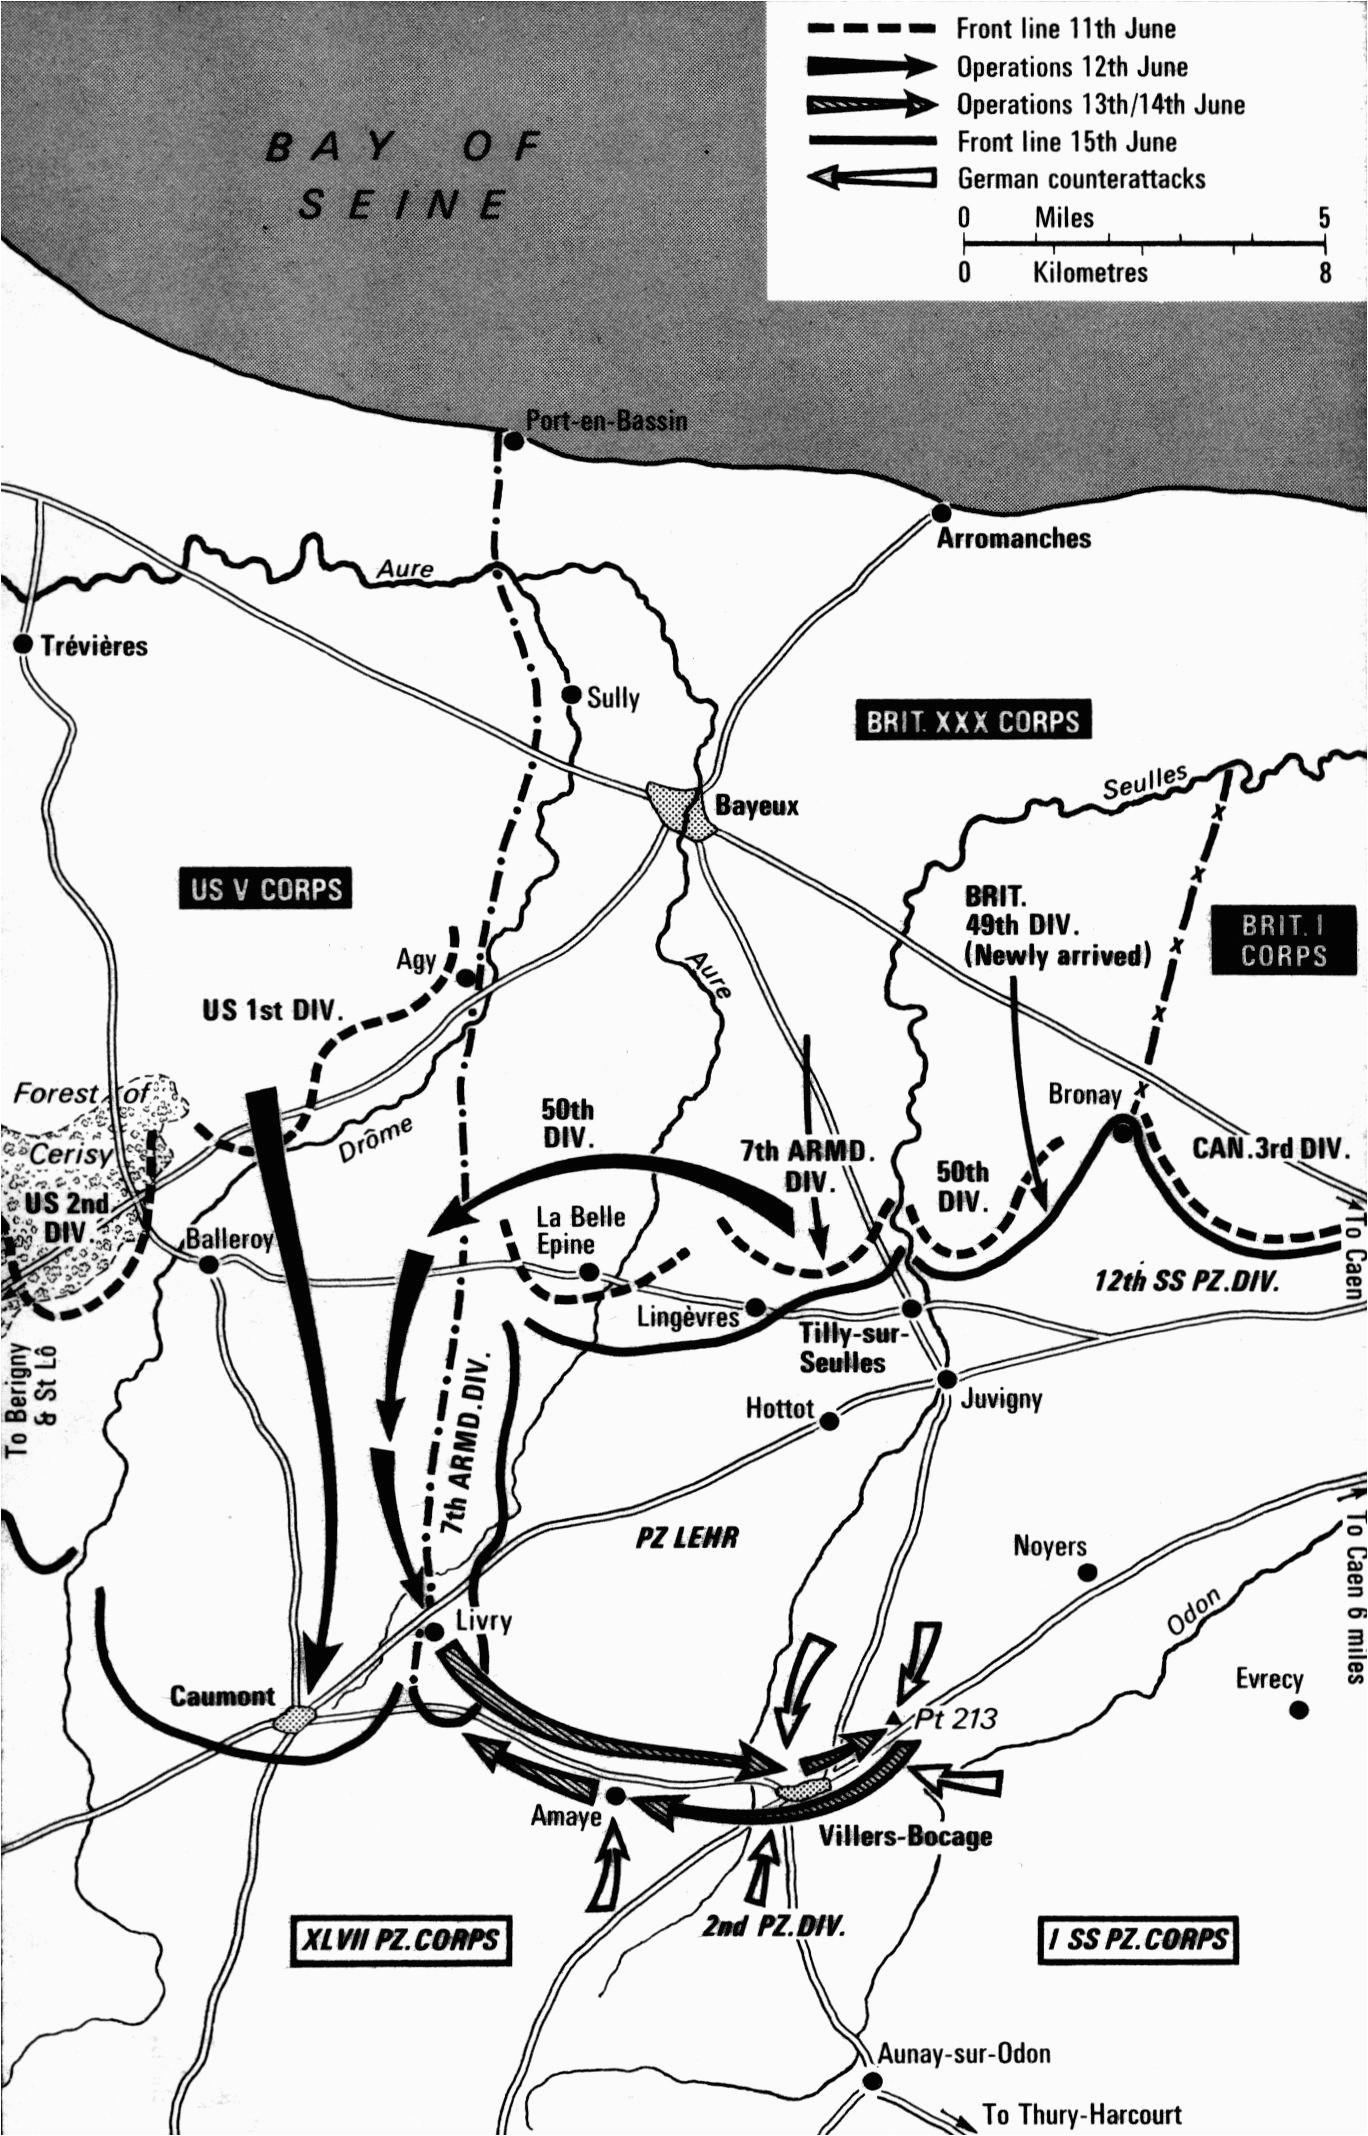 pin by ralph zuljan on maps of world war ii battle of normandy